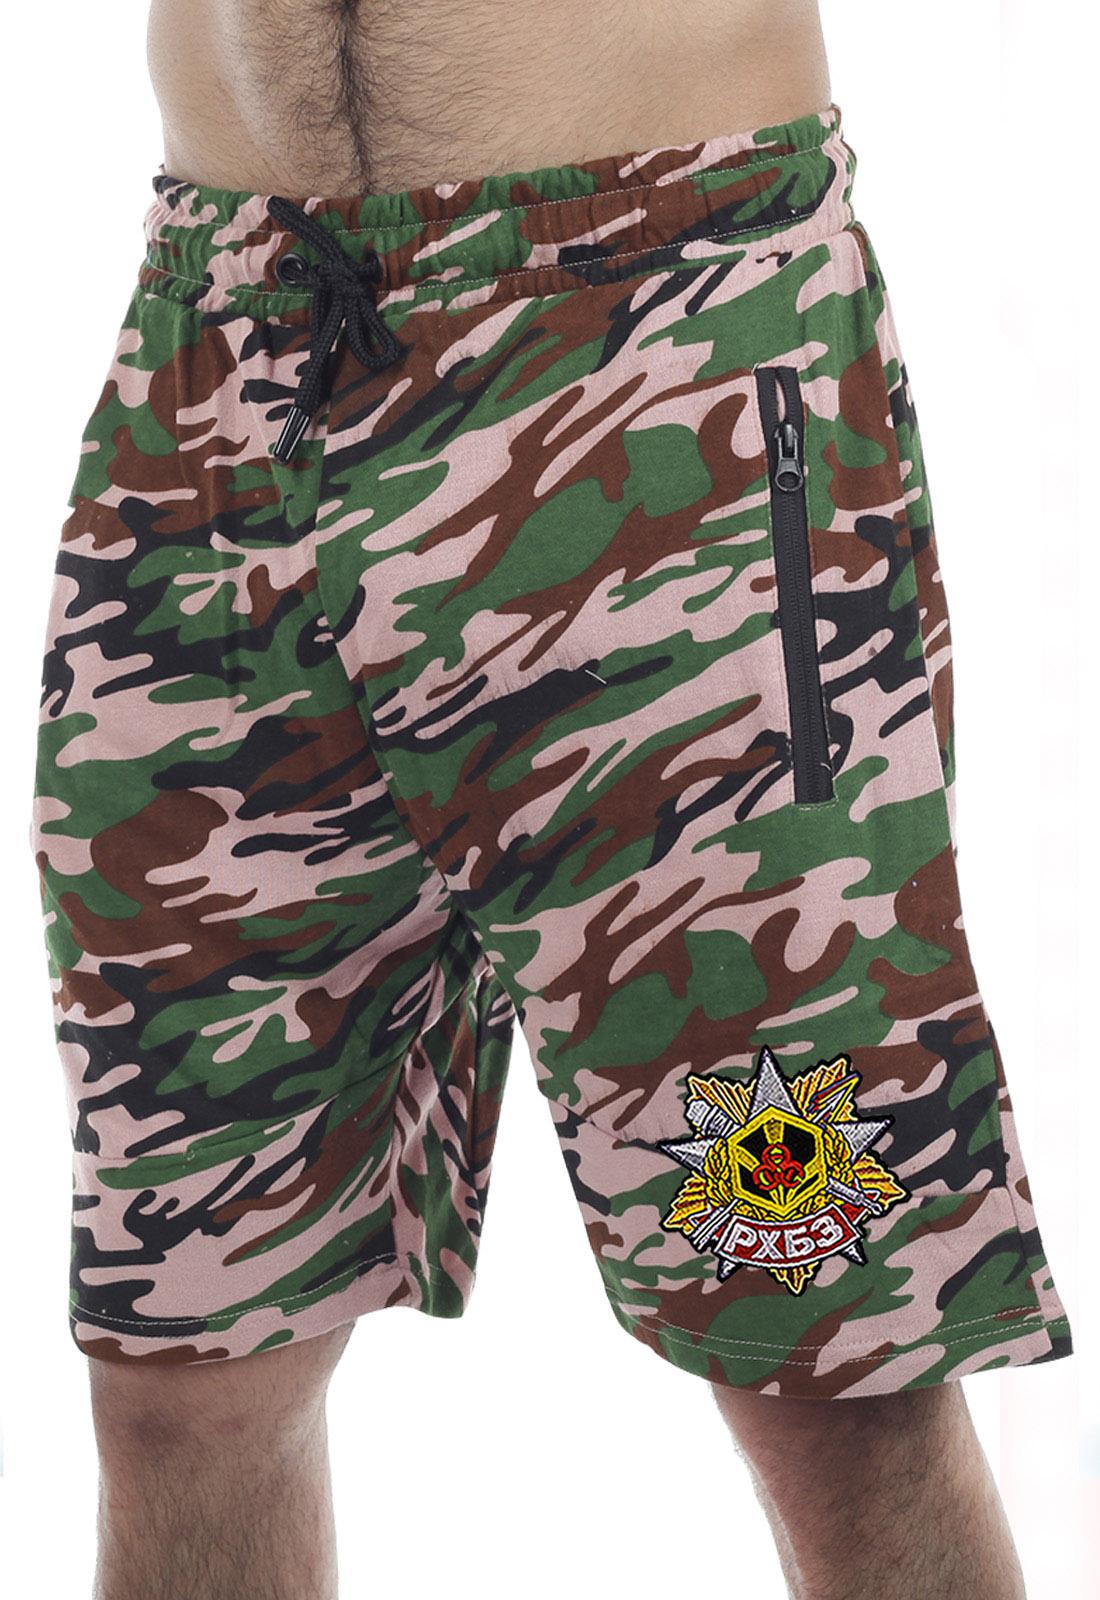 Купить свободные шорты особого фасона с нашивкой РХБЗ по выгодной цене